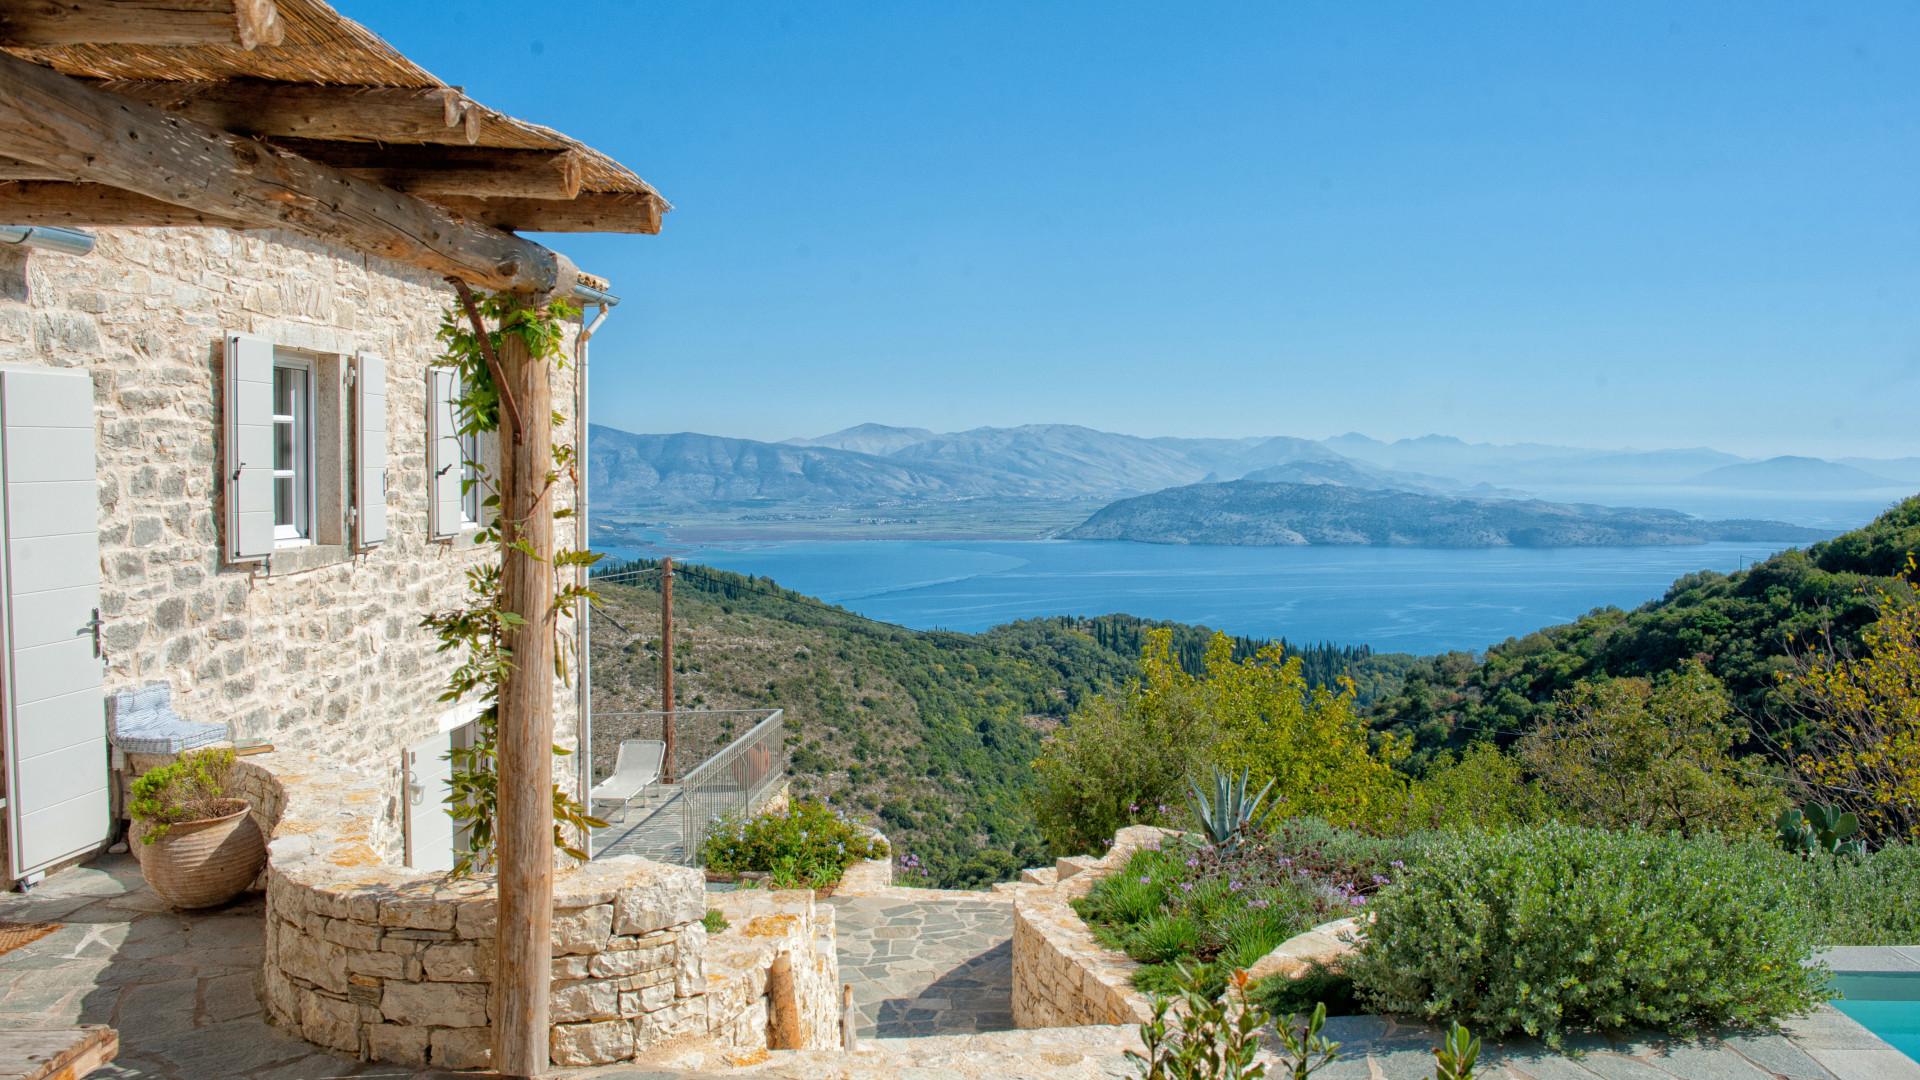 Deluxe hideaway overlooking the sea in Greece